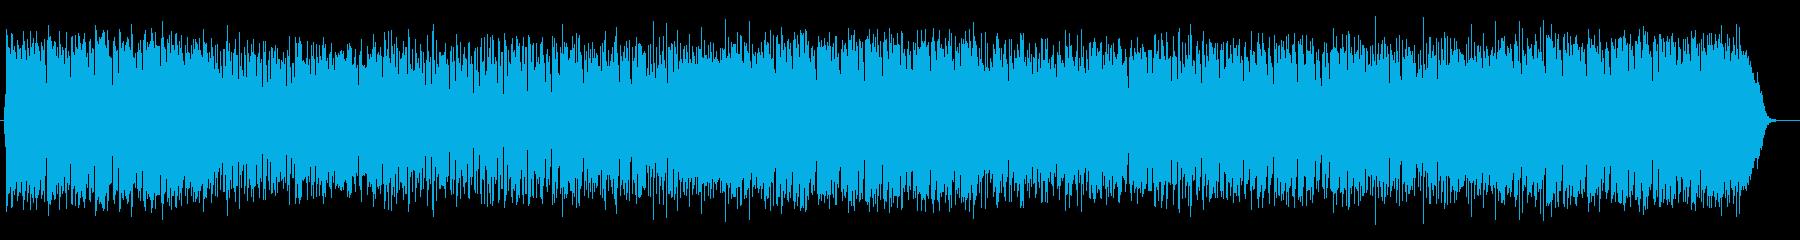 明るく陽気なシンセサイザーサウンドの再生済みの波形